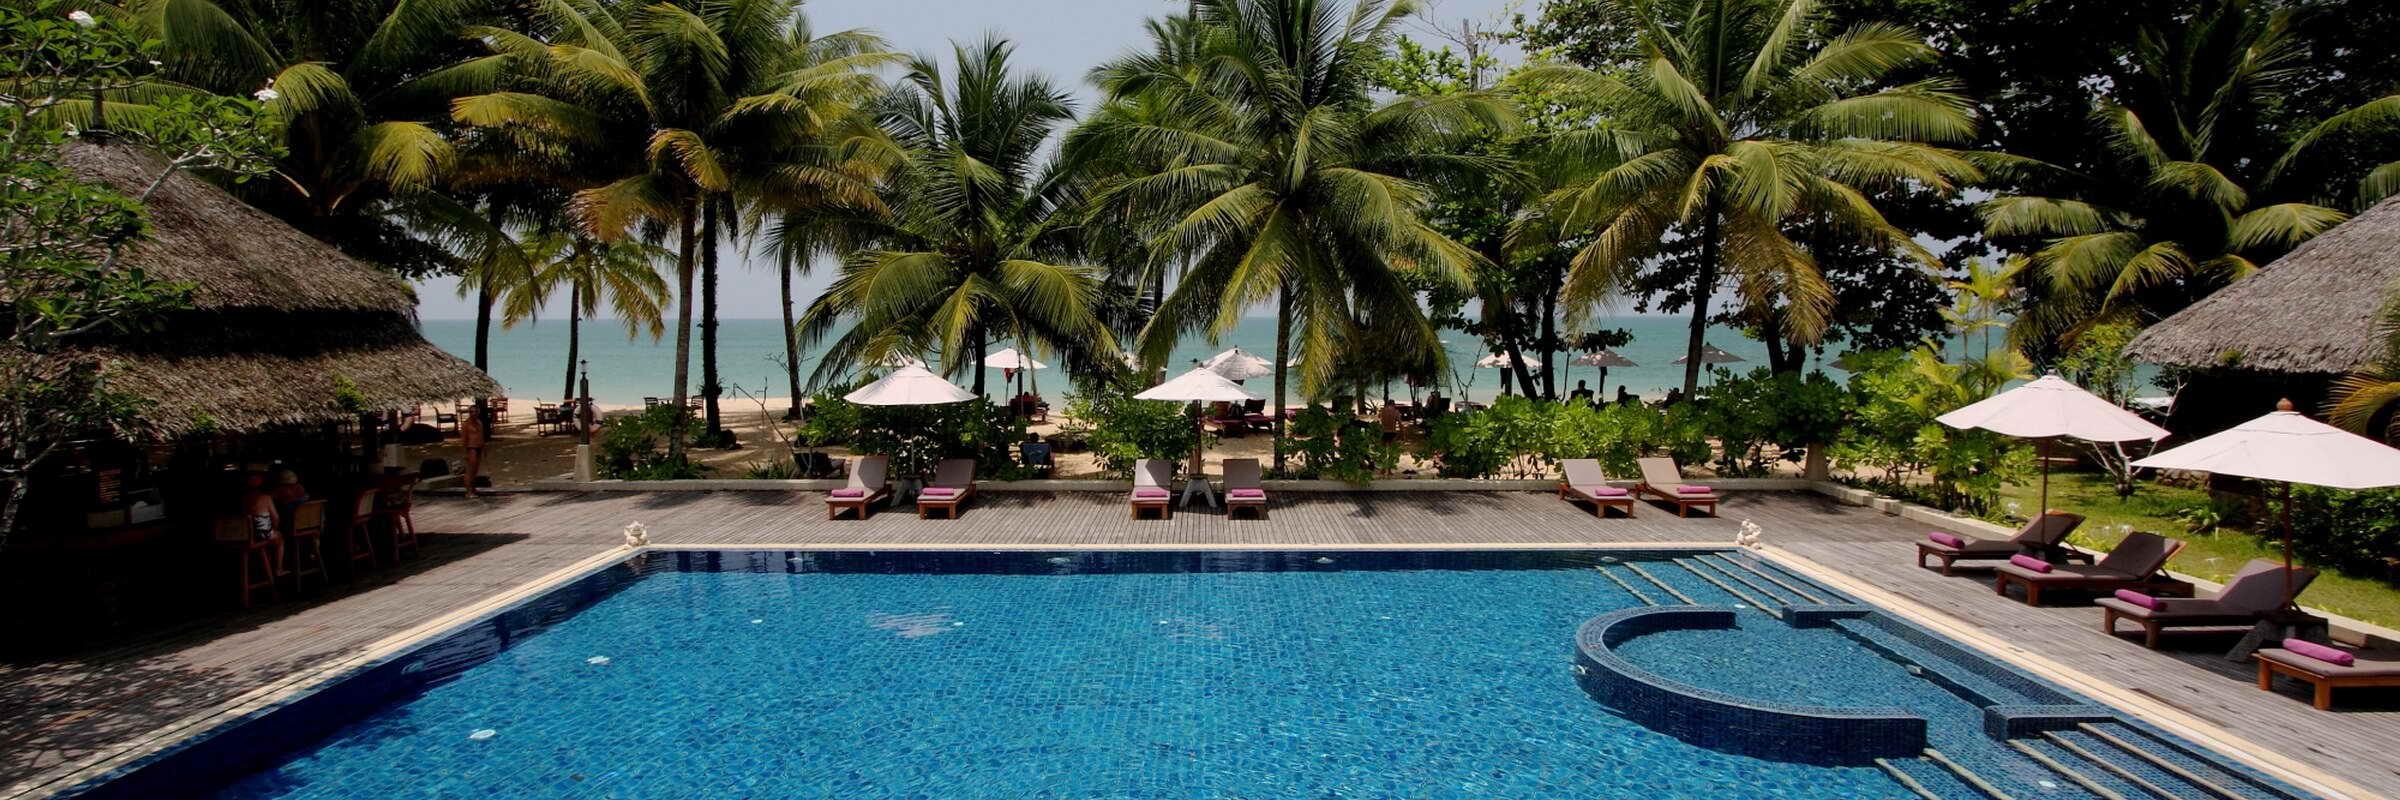 Ein großer Swimmingpool mit Sonnenterrasse lädt im Khaolak Paradise Resort zum Entspannen und Erholen ein.